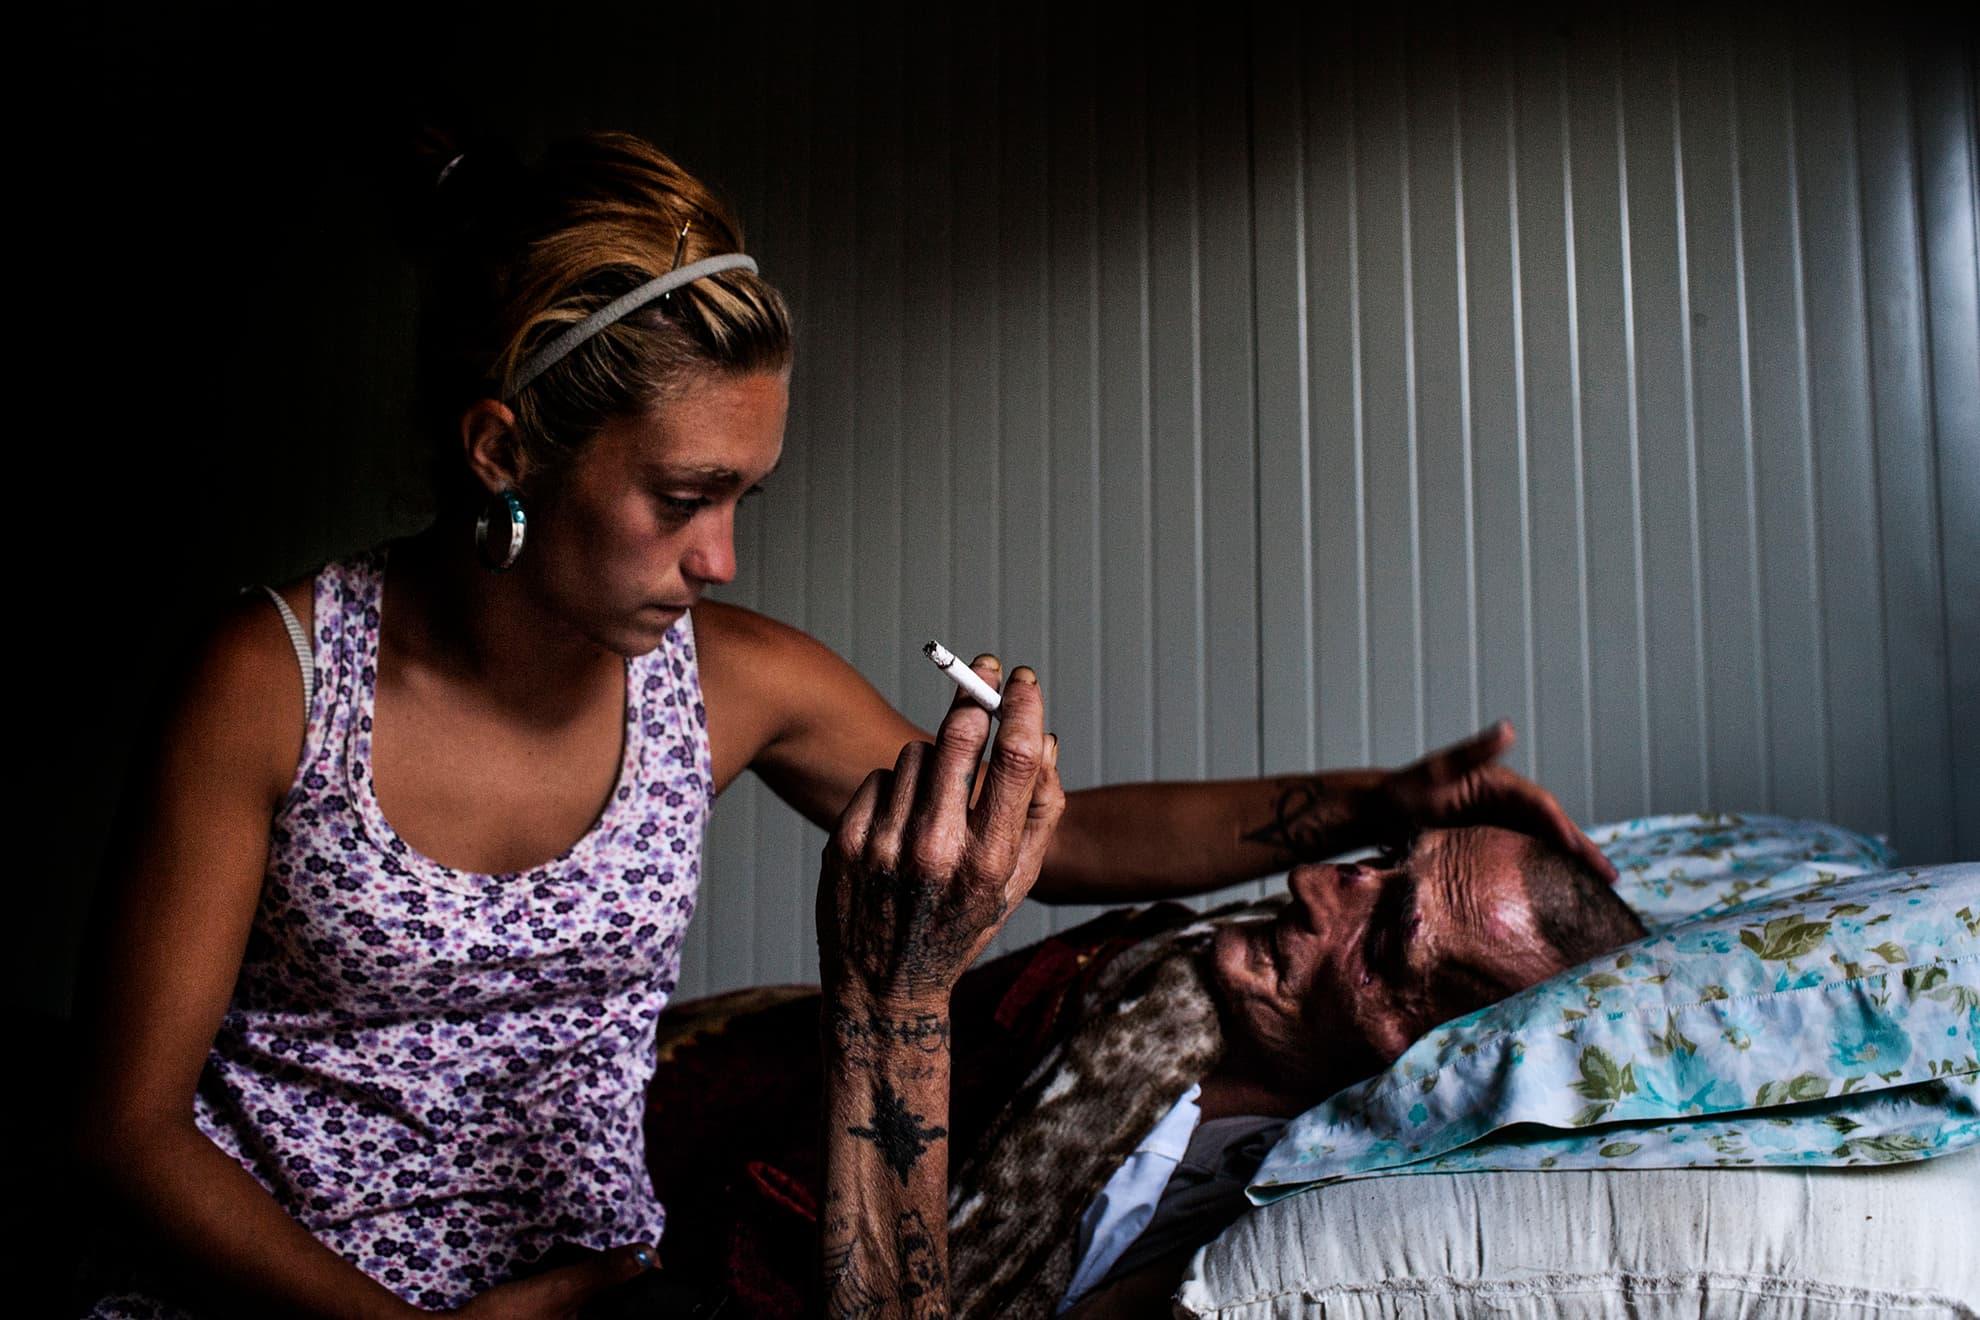 """Ana, una de las residentes más jóvenes de La Casa de la Buena Vida, cuidando de Juan. Juan tiene 49 años, tiene SIDA y hace poco recibió el alta hospitalaria porque los médicos consideran que ya no pueden hacer nada más por él. No tiene familia, aparte de la """"familia"""" y el apoyo que le proporciona La Casa."""